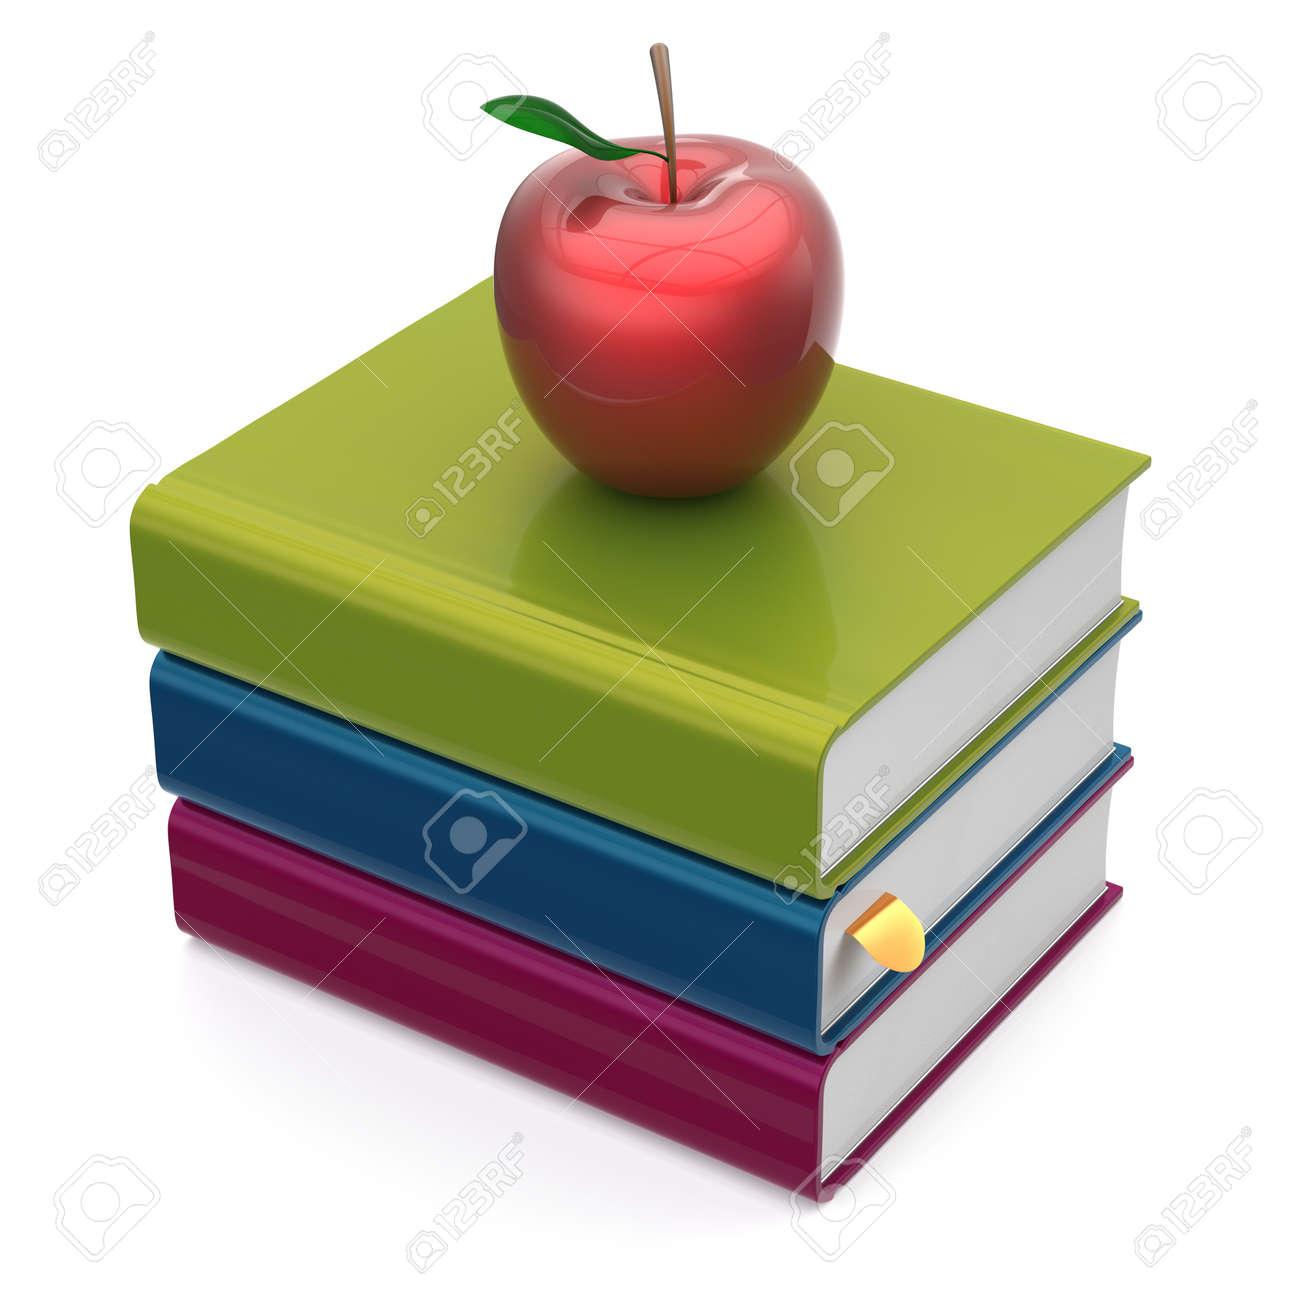 Pila De Libros Coloridos Libros De Texto Manzana Roja Educación ...